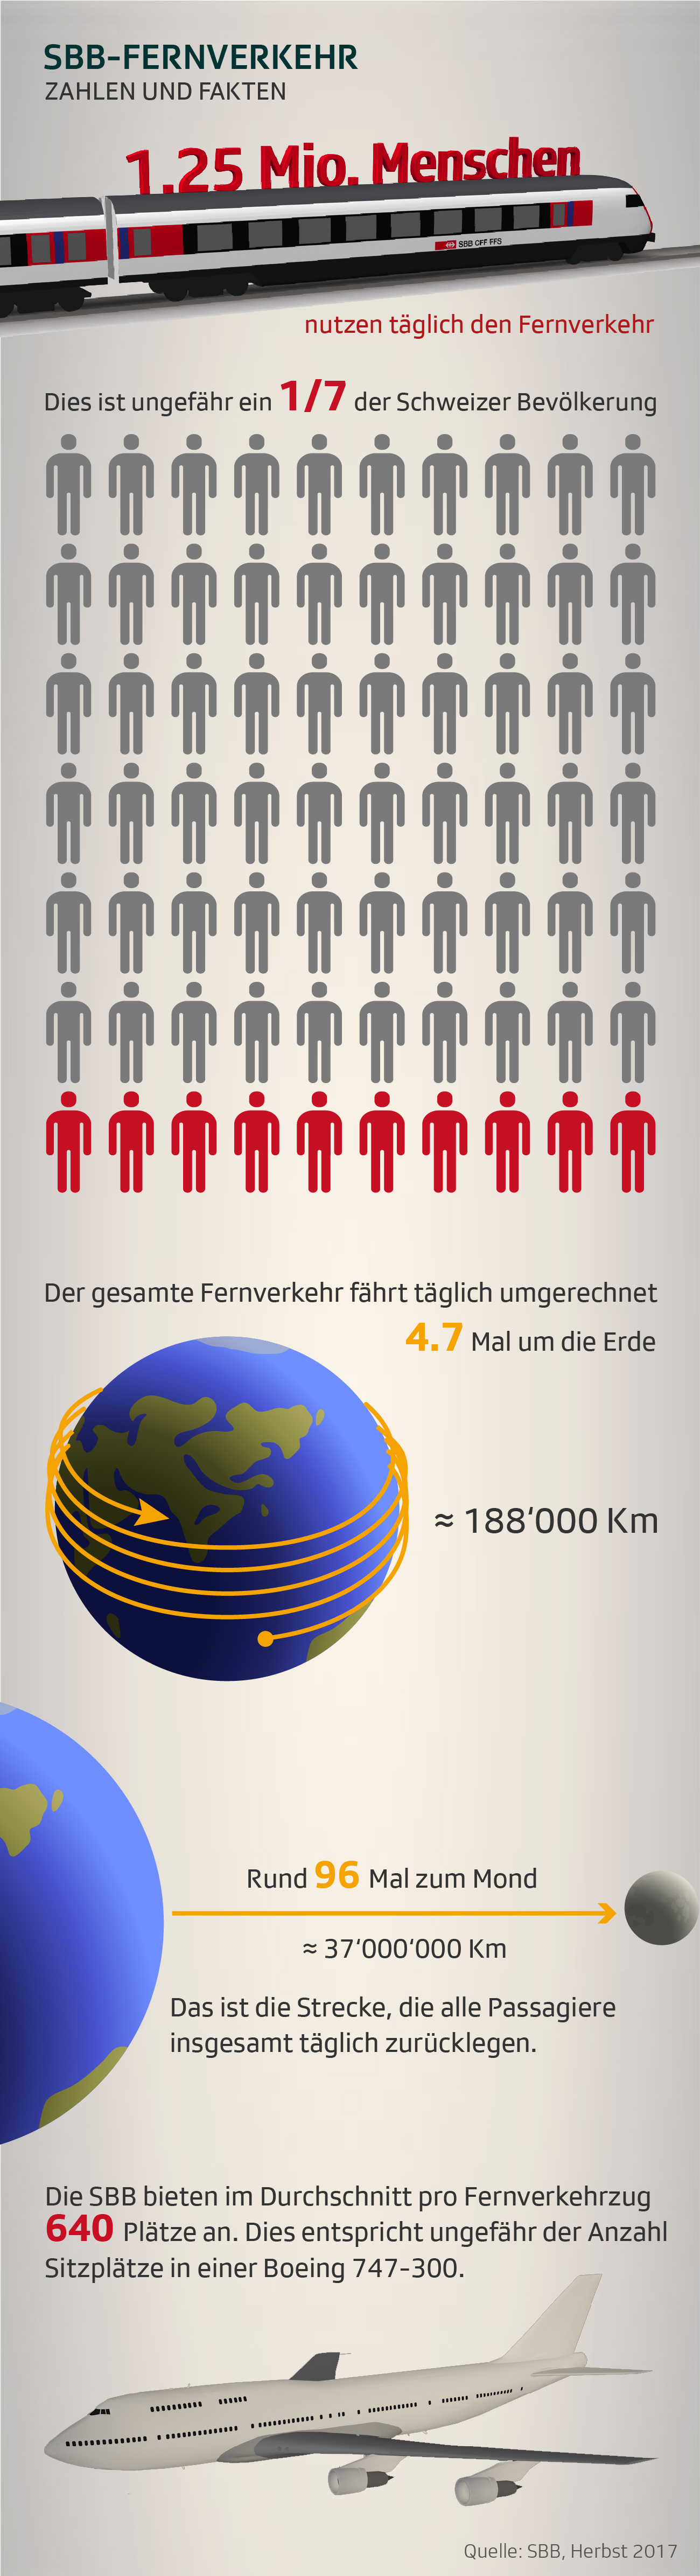 Infografik zum SBB-Fernverkehr